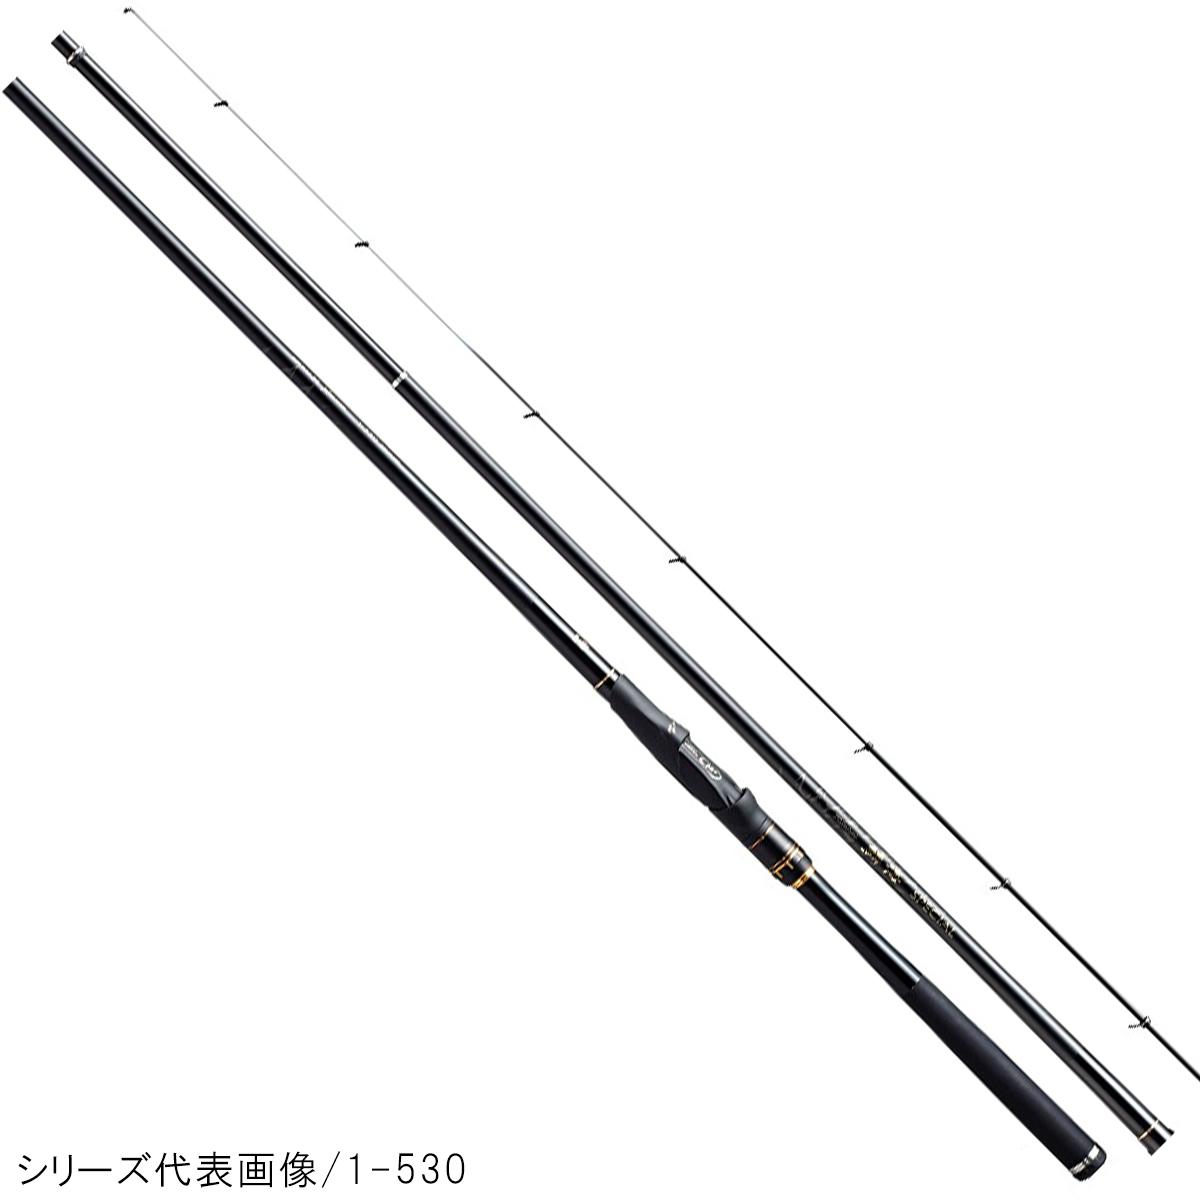 シマノ 鱗海 スペシャル 08-500【送料無料】